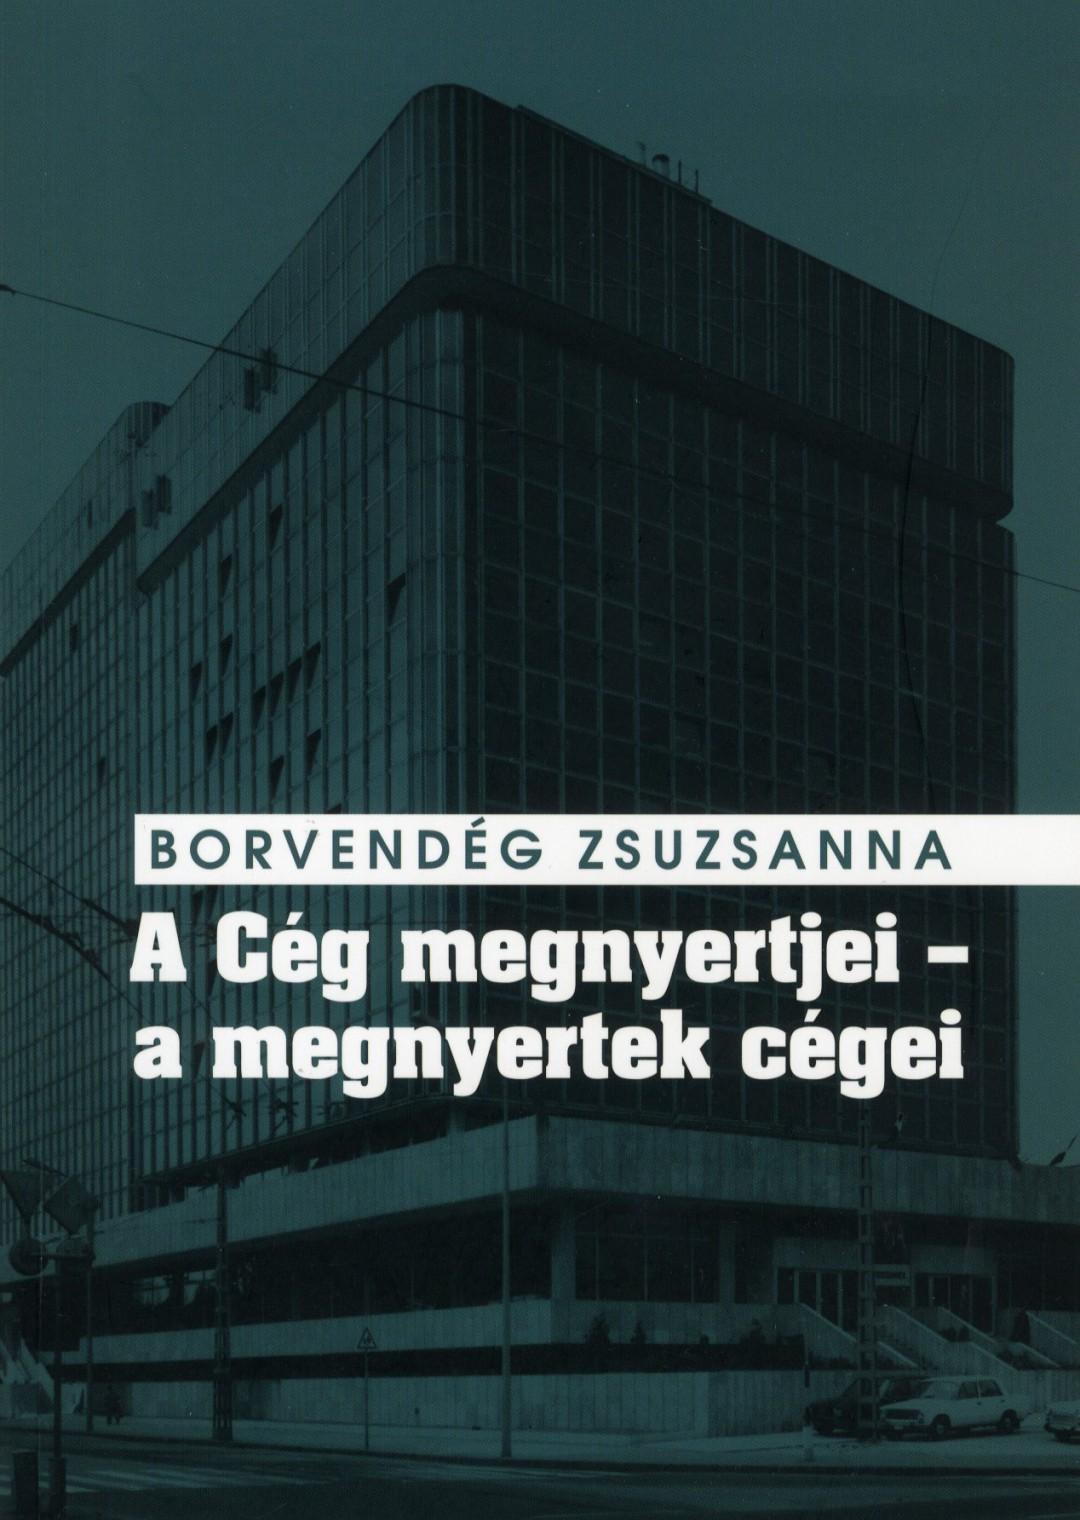 A Cég megnyertjei - a megnyertek cégei - Titkosszolgálati vállalatalapítások és valutakitermelés a Kádár-rendszer idején